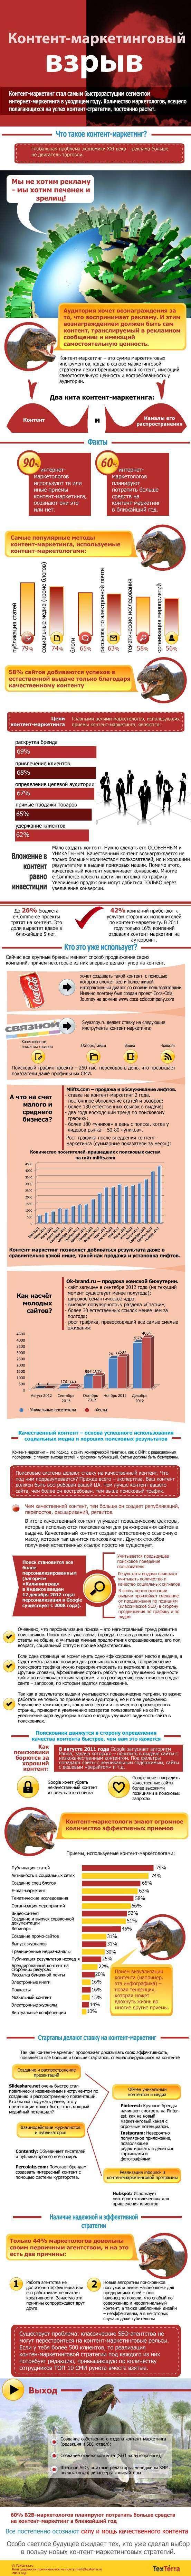 Контент-маркетинговий вибух (Інфографіка)